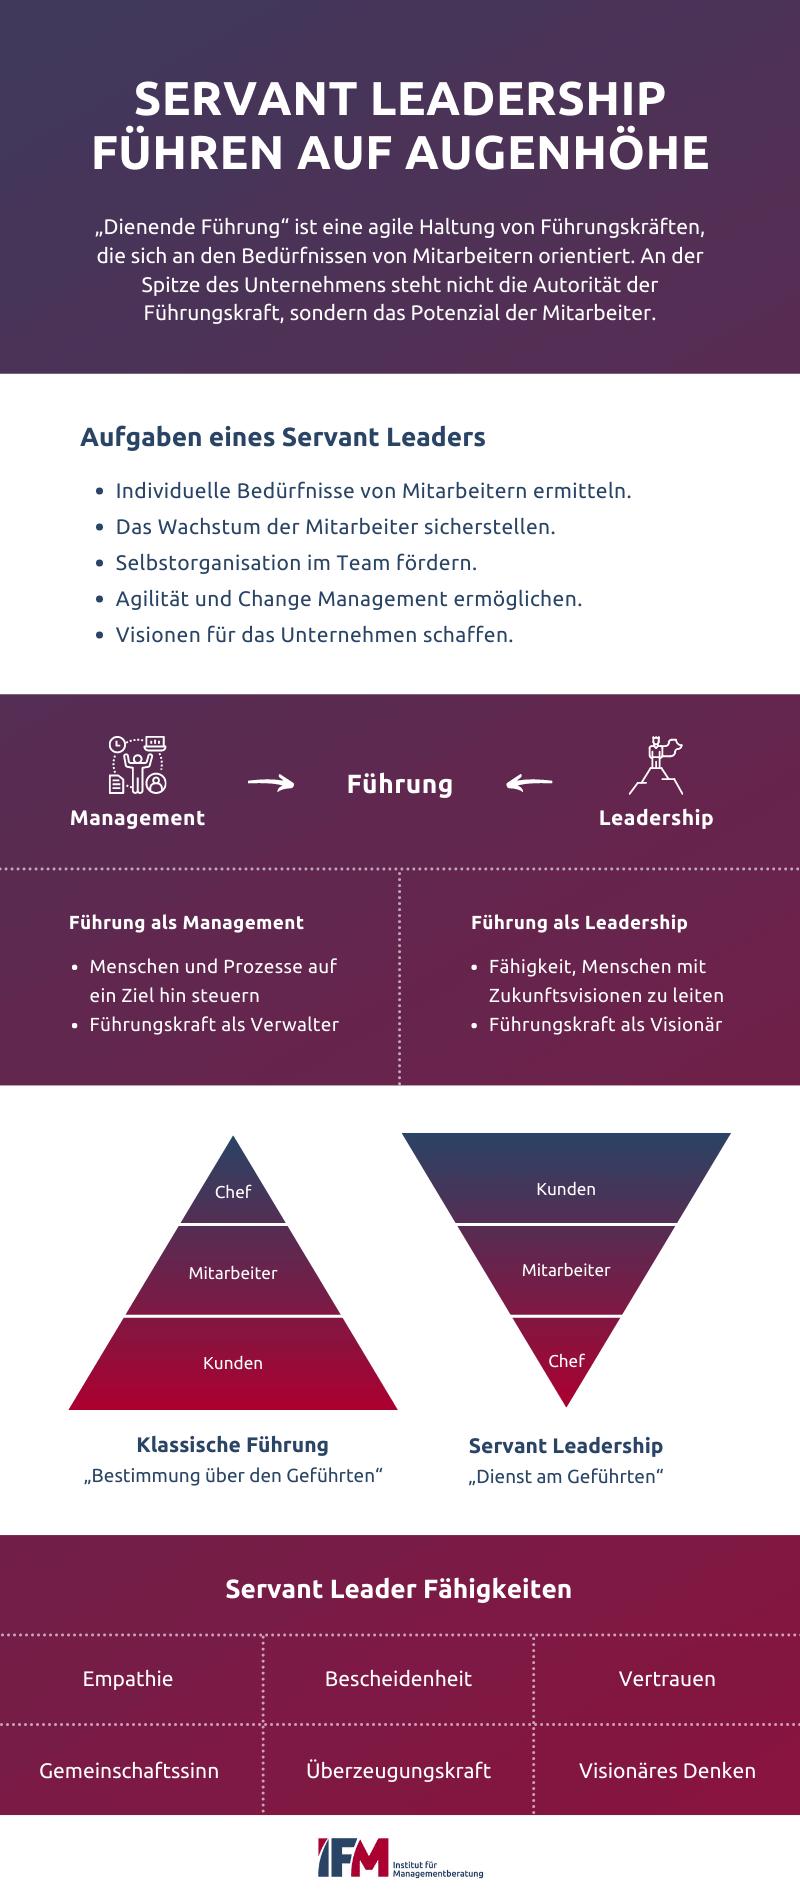 Infografik zeigt alles Wissenswerte zum Thema Servant Leadership: Was ist Führung? Wie sieht das Hierarchie-Modell aus? Welche Servant-Leader-Fähigkeiten gibt es?